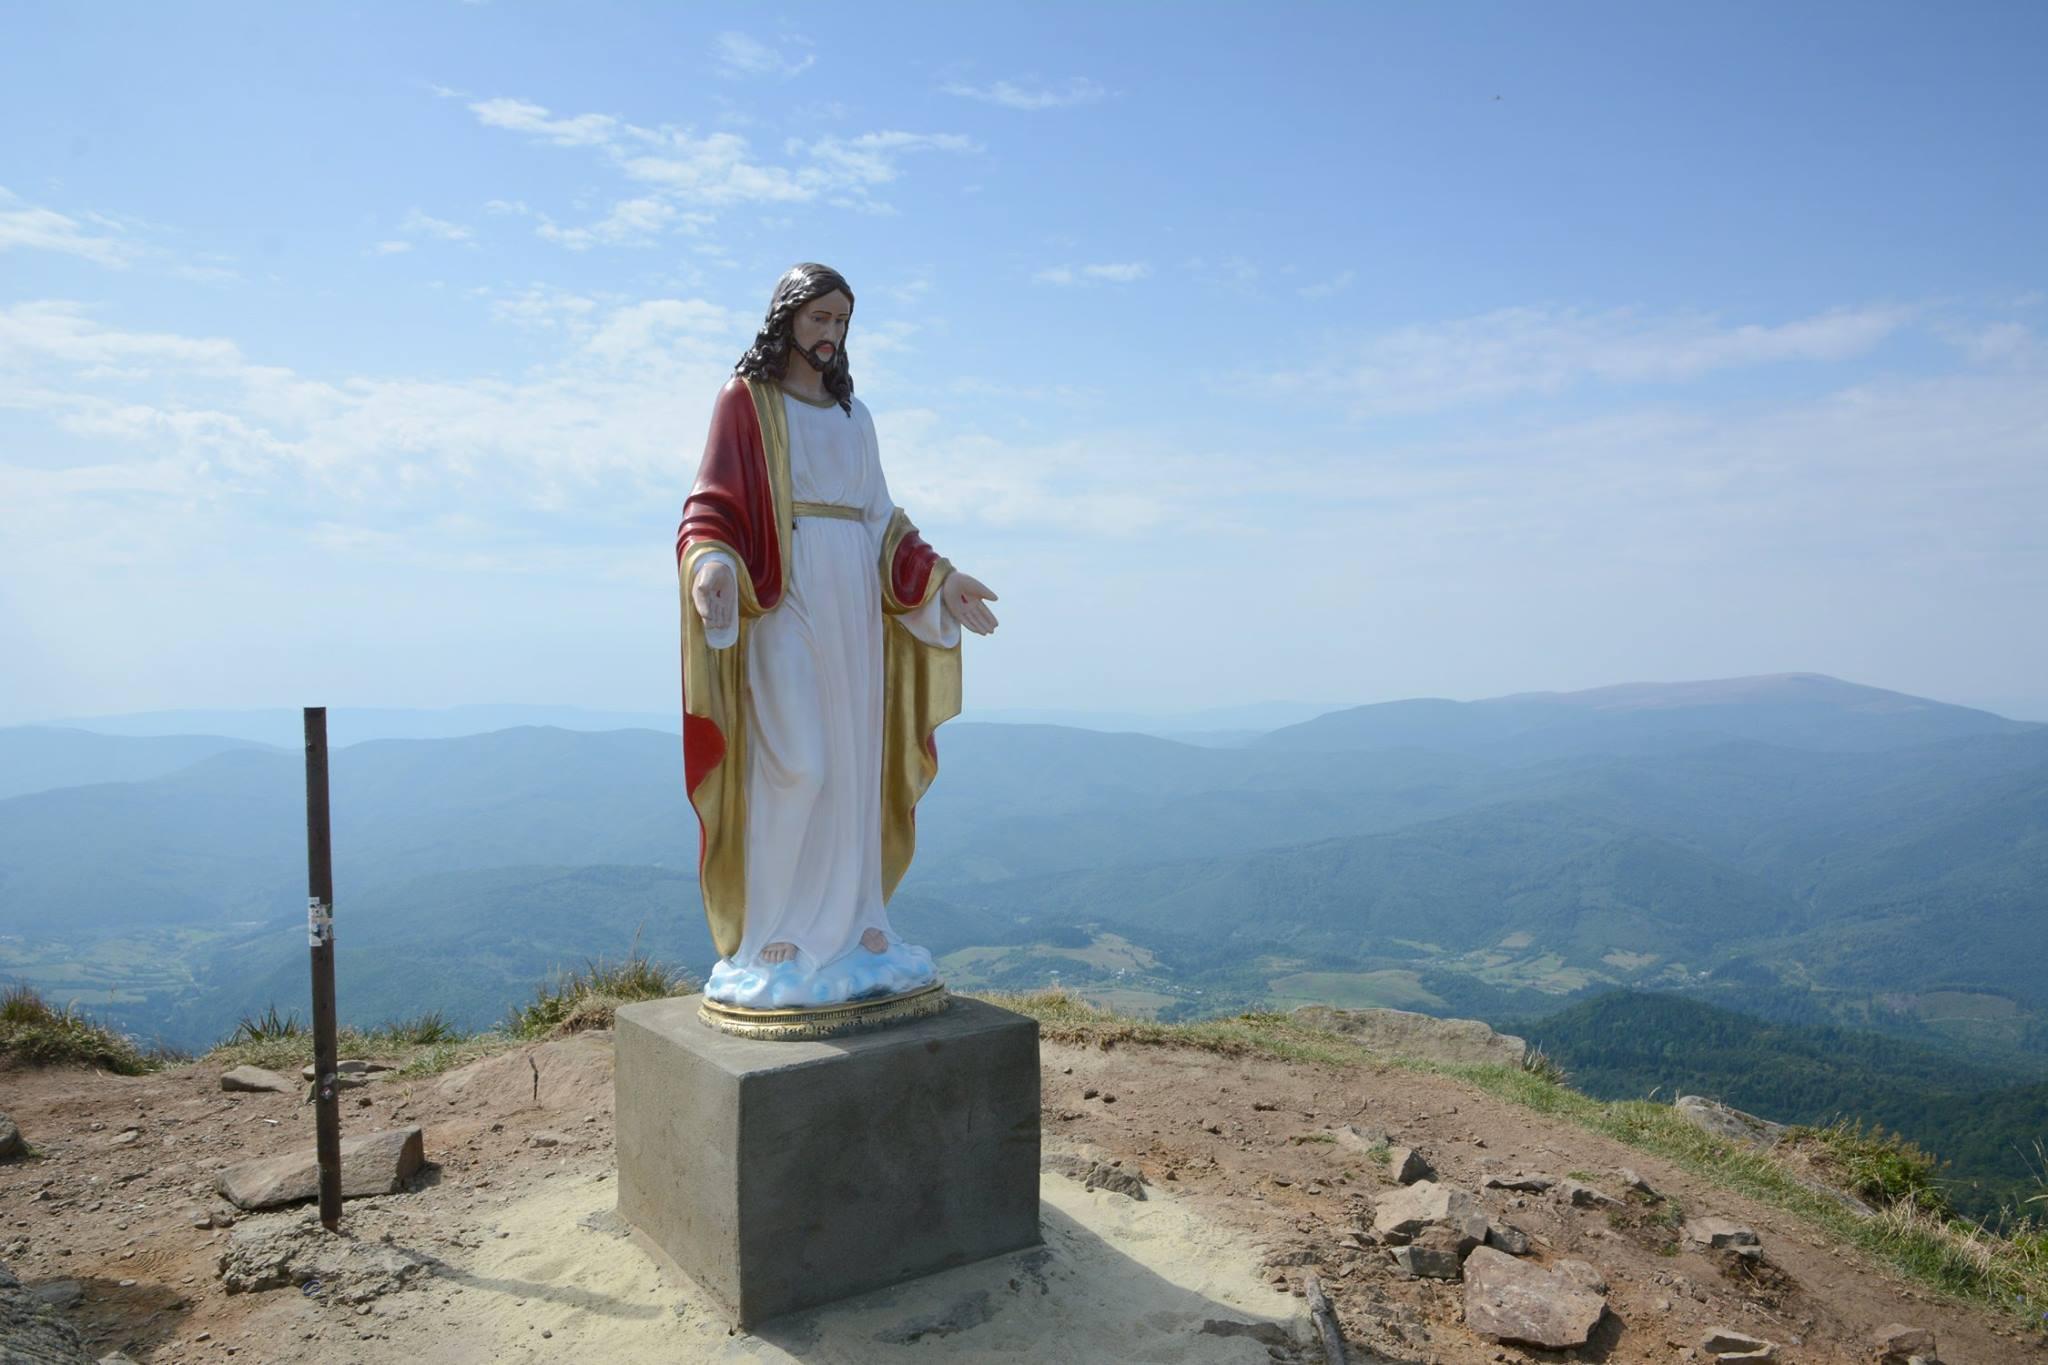 На найвищій горі Львівщини встановили статую Ісуса Христа